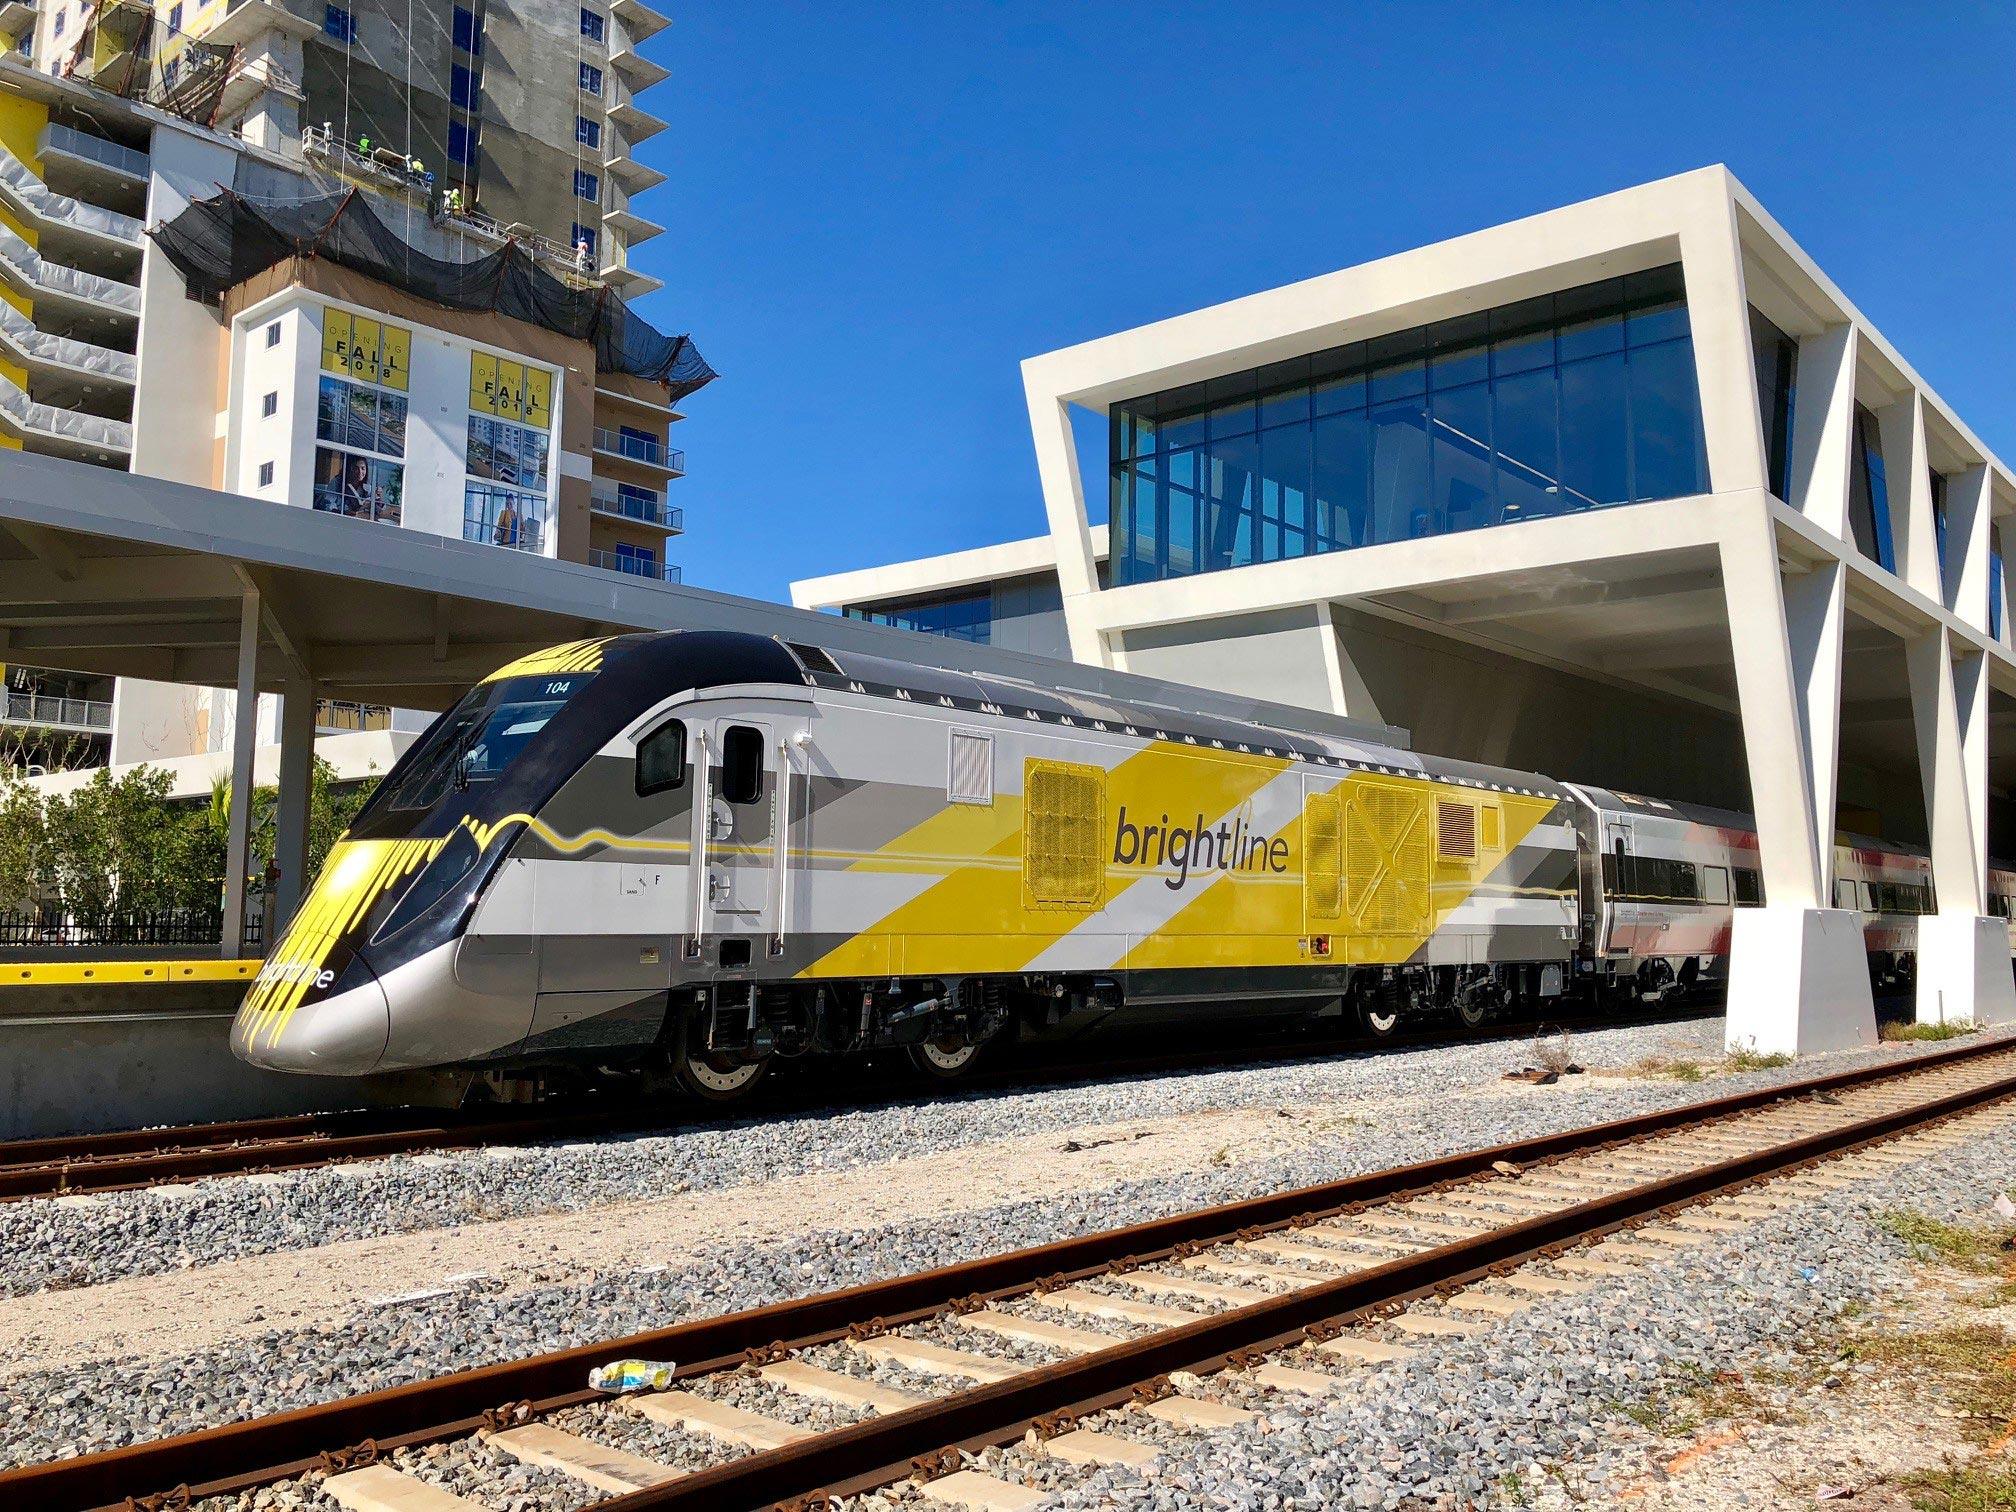 Brightline train service